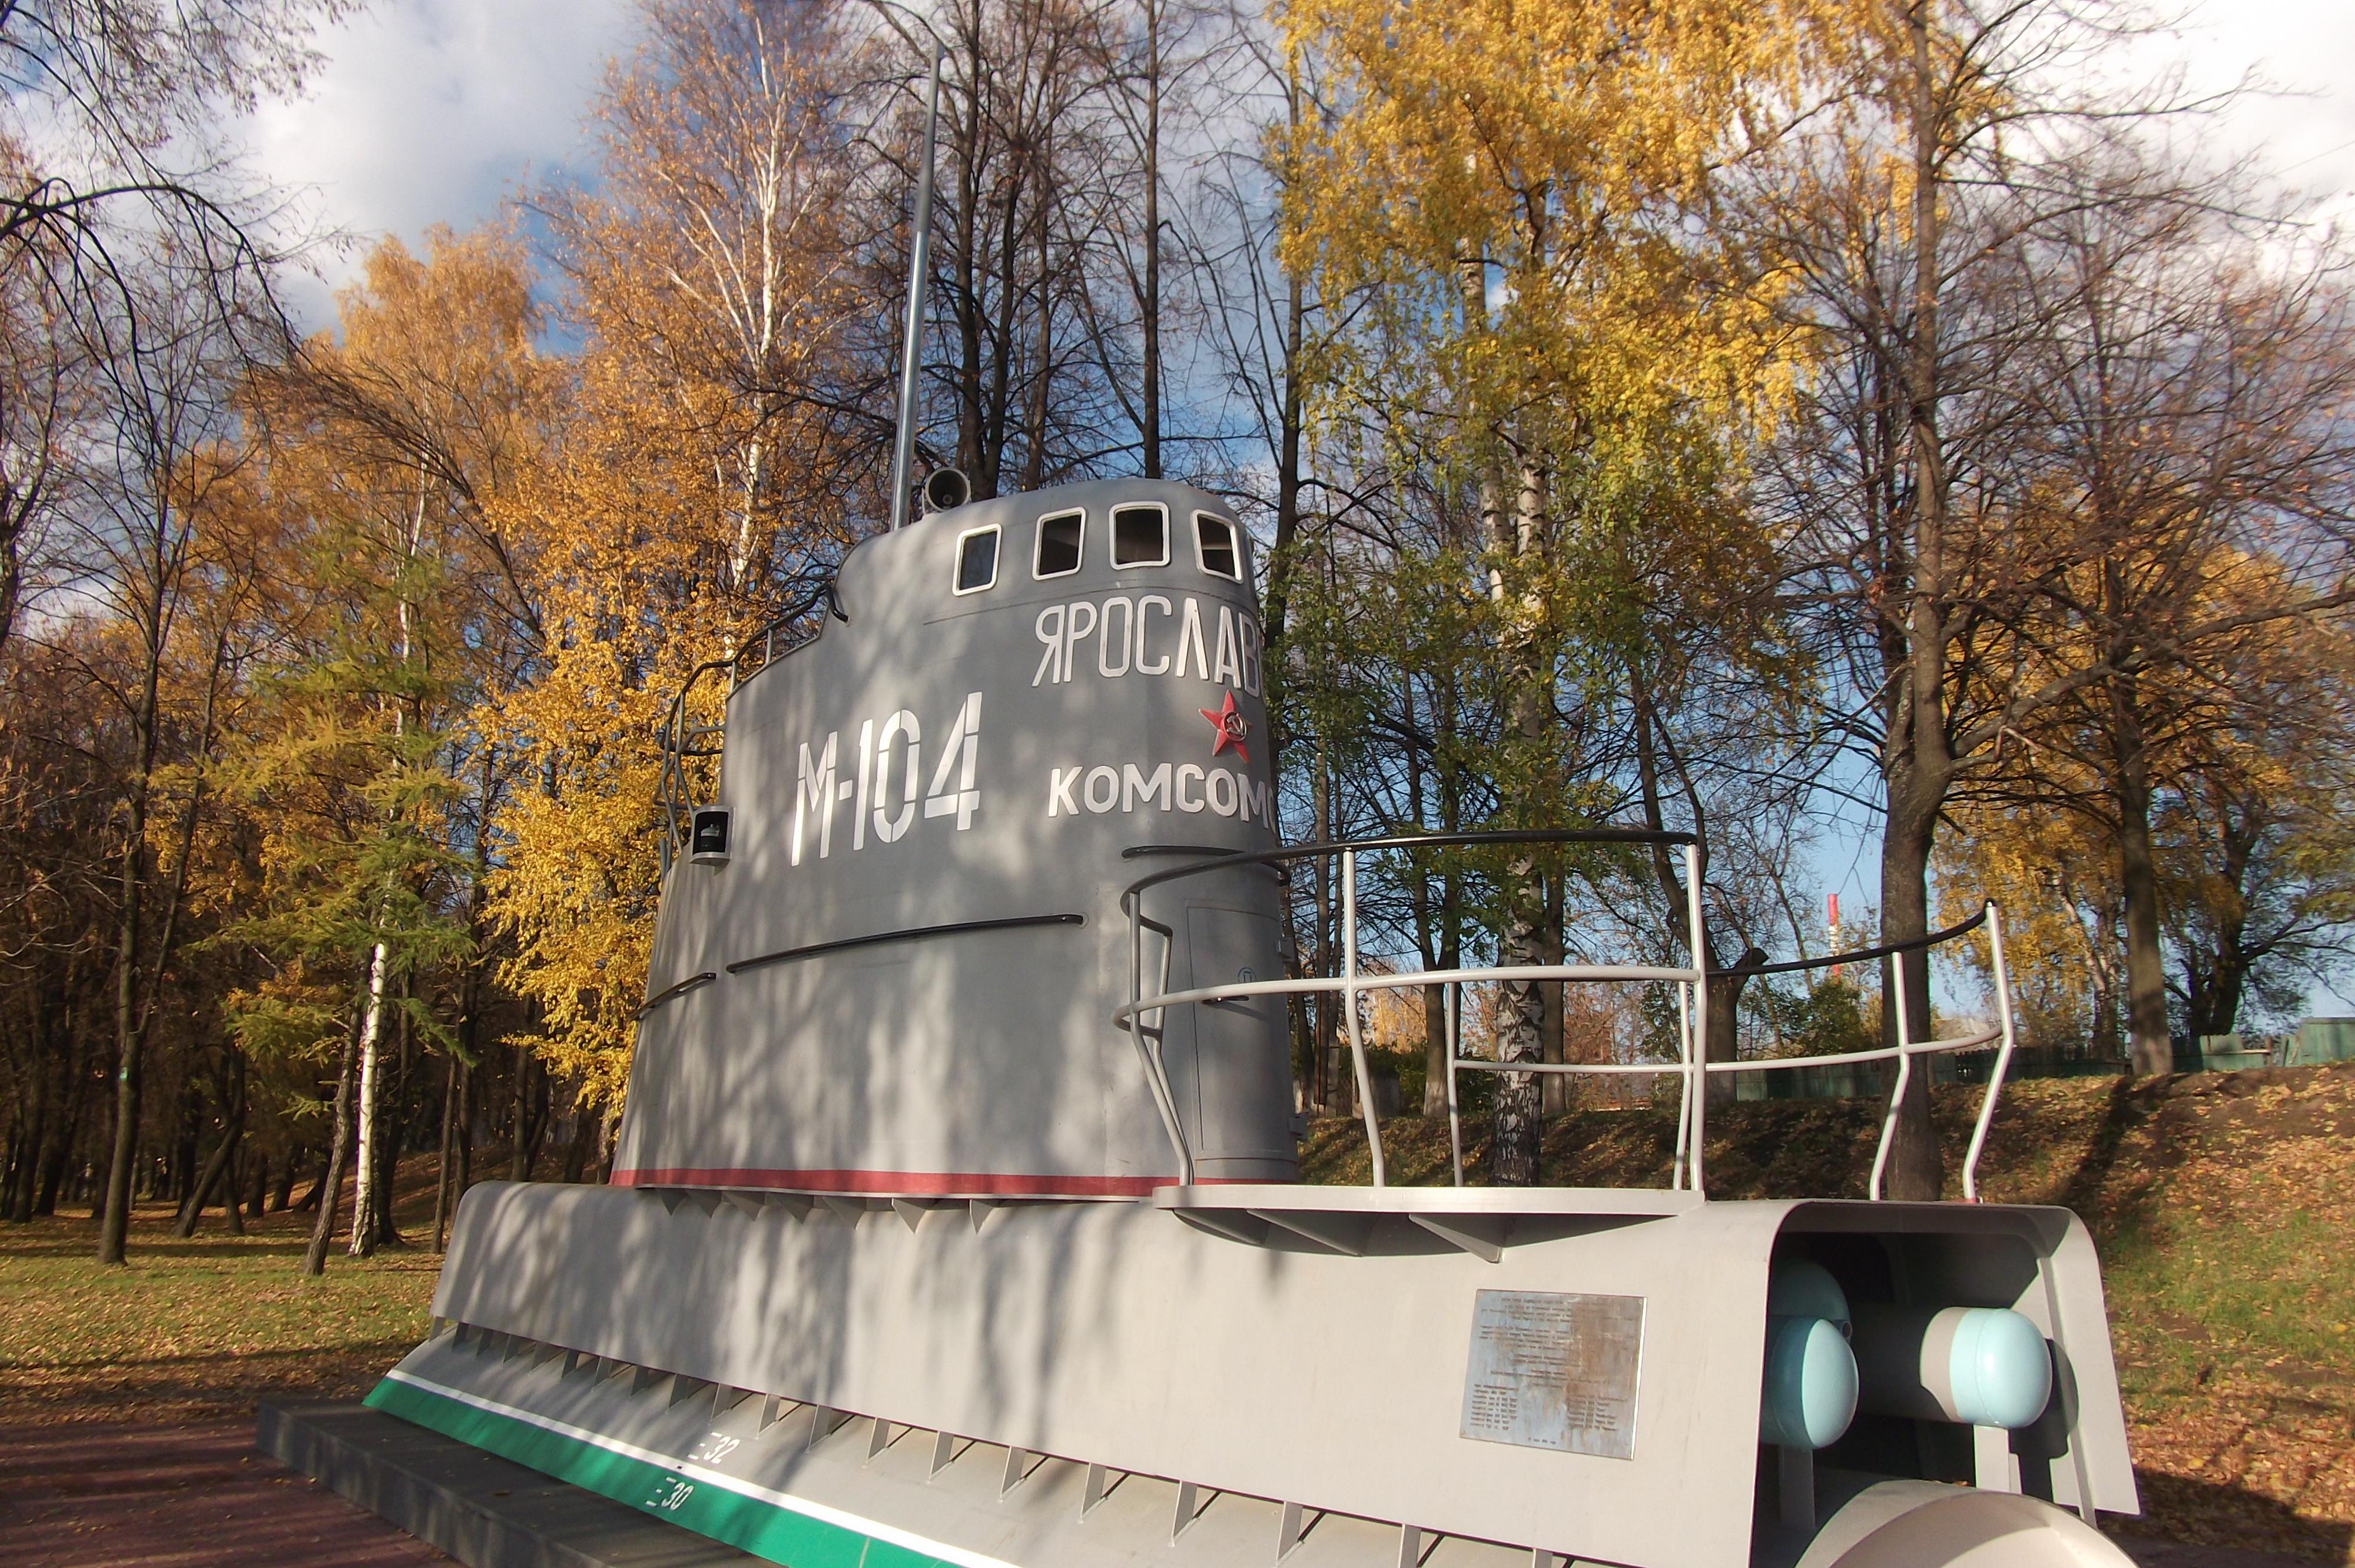 https://upload.wikimedia.org/wikipedia/commons/d/dc/Рубка_подводной_лодки_-_памятник_на_Тверицкой_набережной.JPG